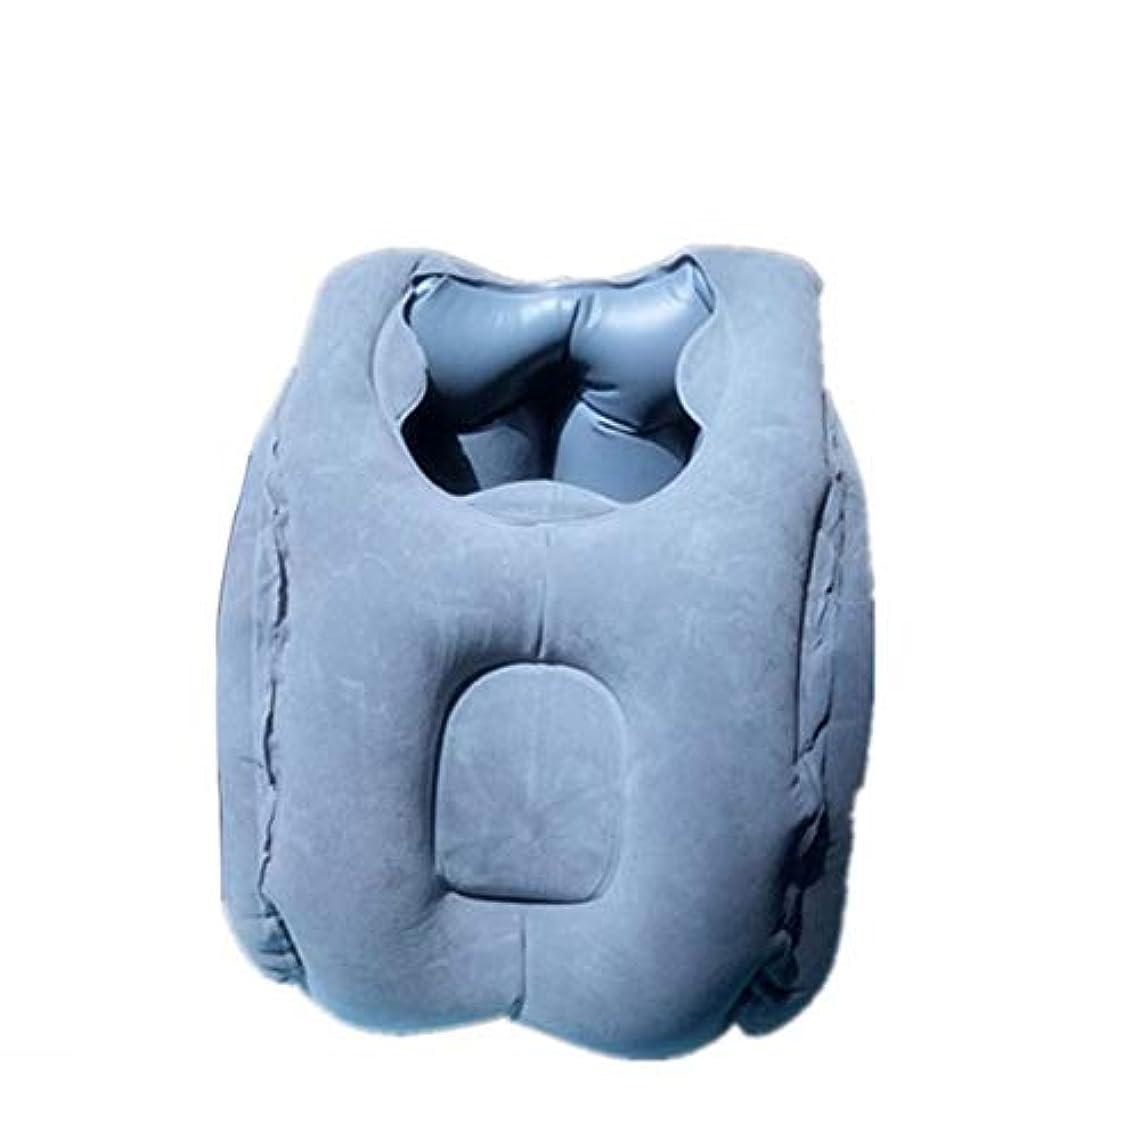 良い費用トムオードリースIntercoreyの携帯用サイズの膨脹可能なオフィスの家の枕ビロードの自由な空気交換は横になります枕快適な手の枕